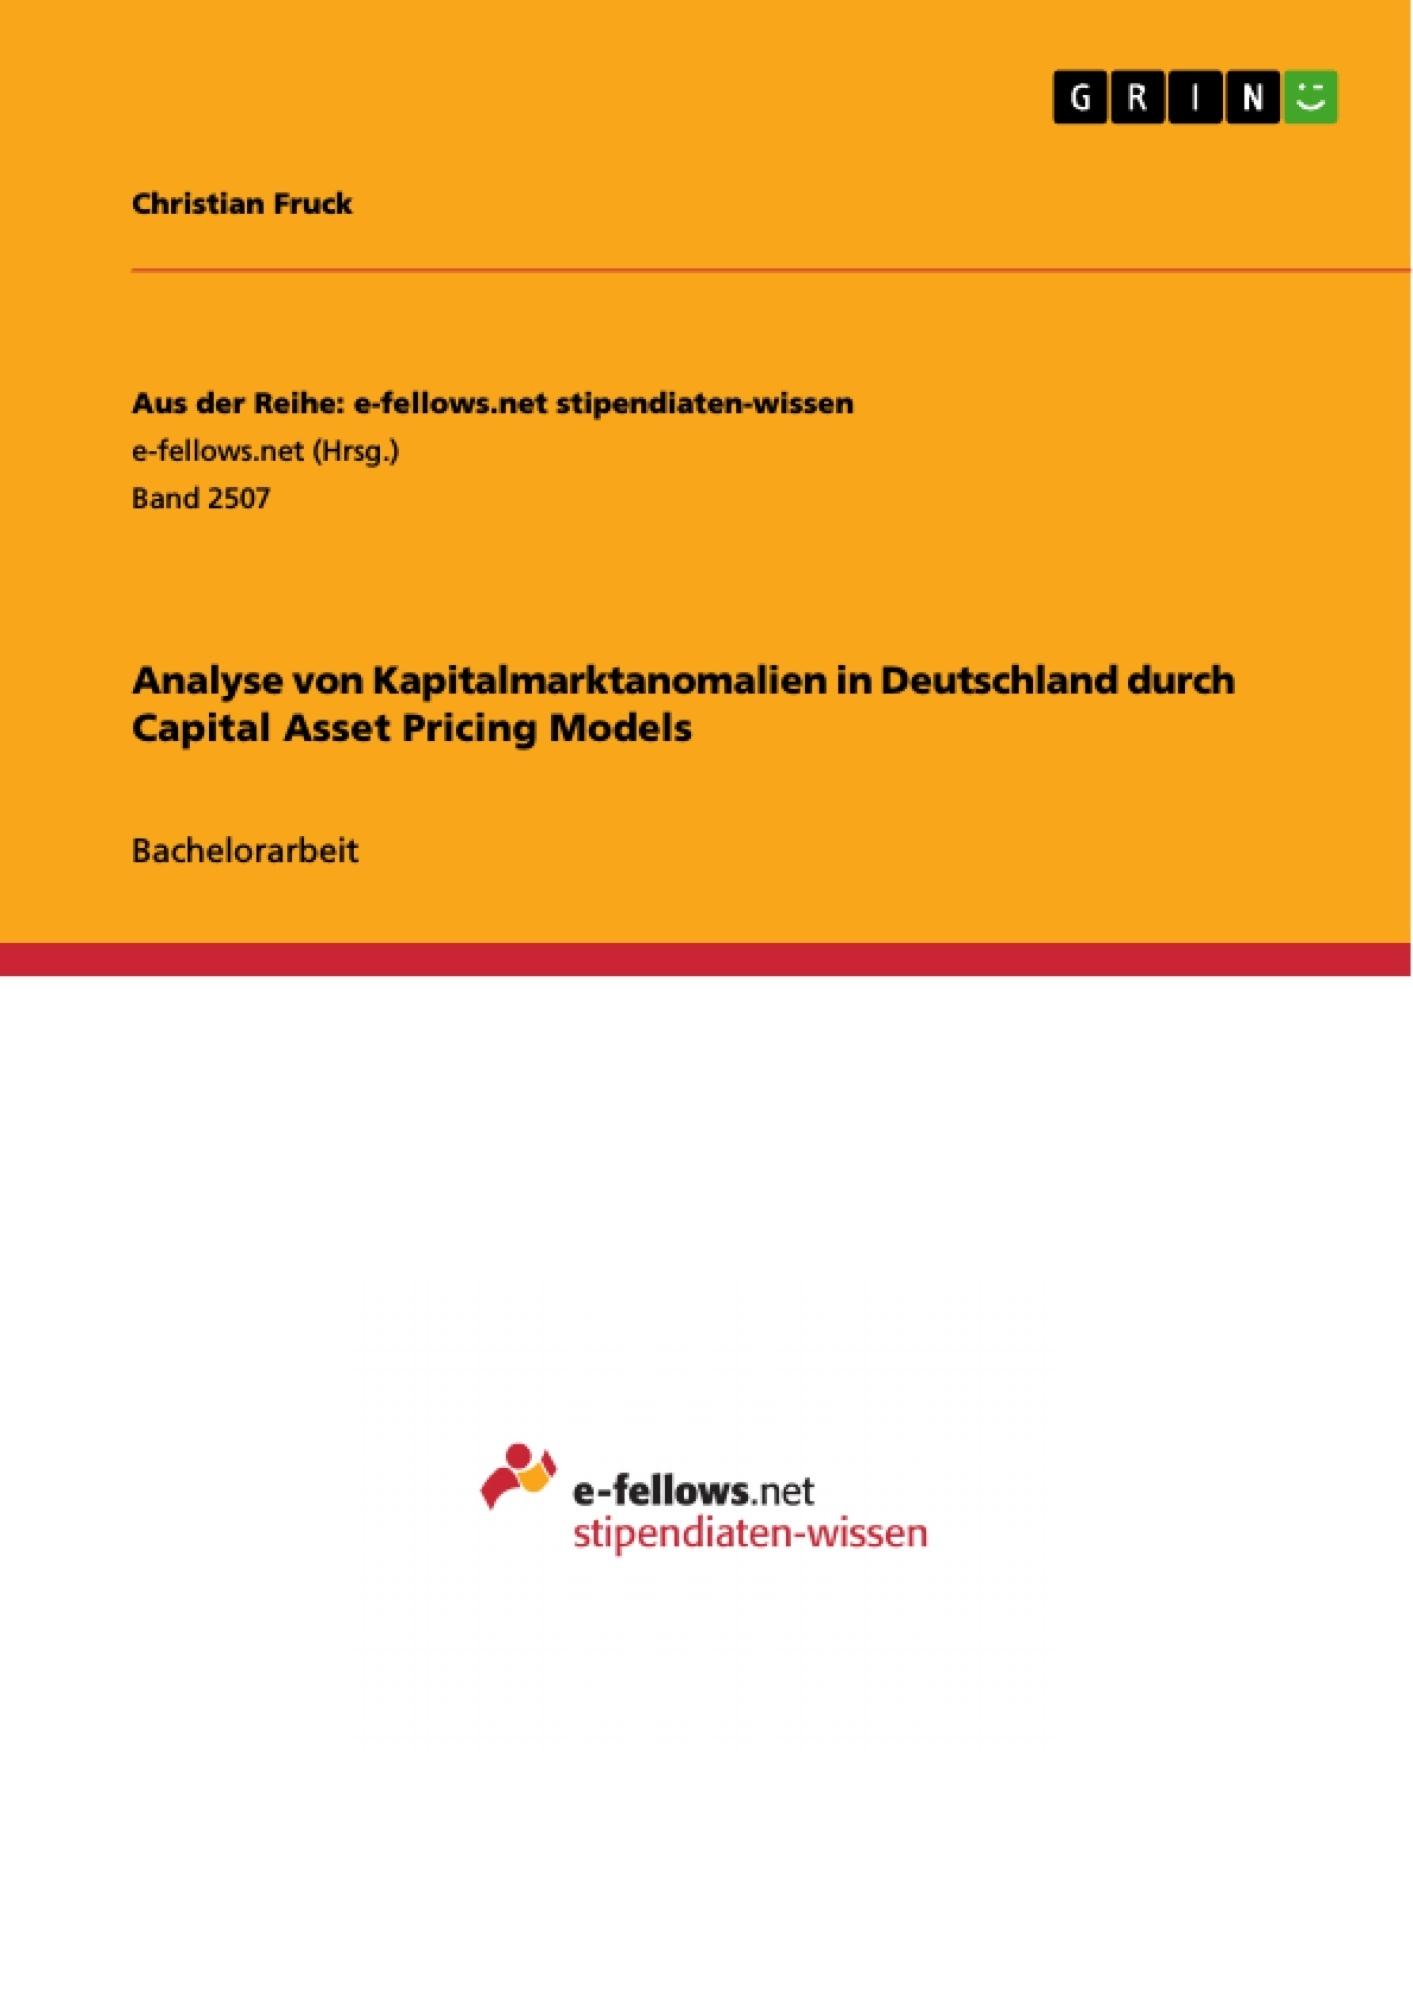 Titel: Analyse von Kapitalmarktanomalien in Deutschland durch Capital Asset Pricing Models